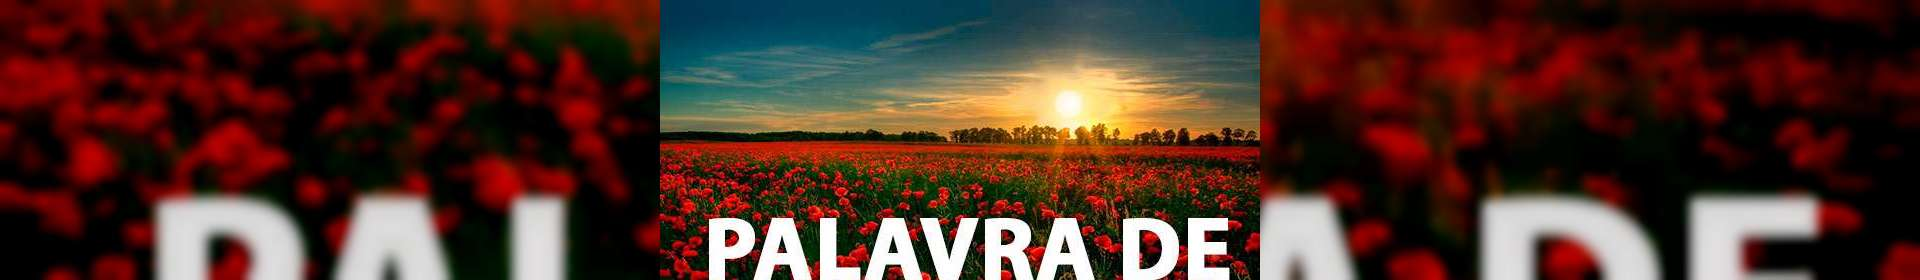 Salmos 124:8 - Uma Palavra de Esperança para sua vida